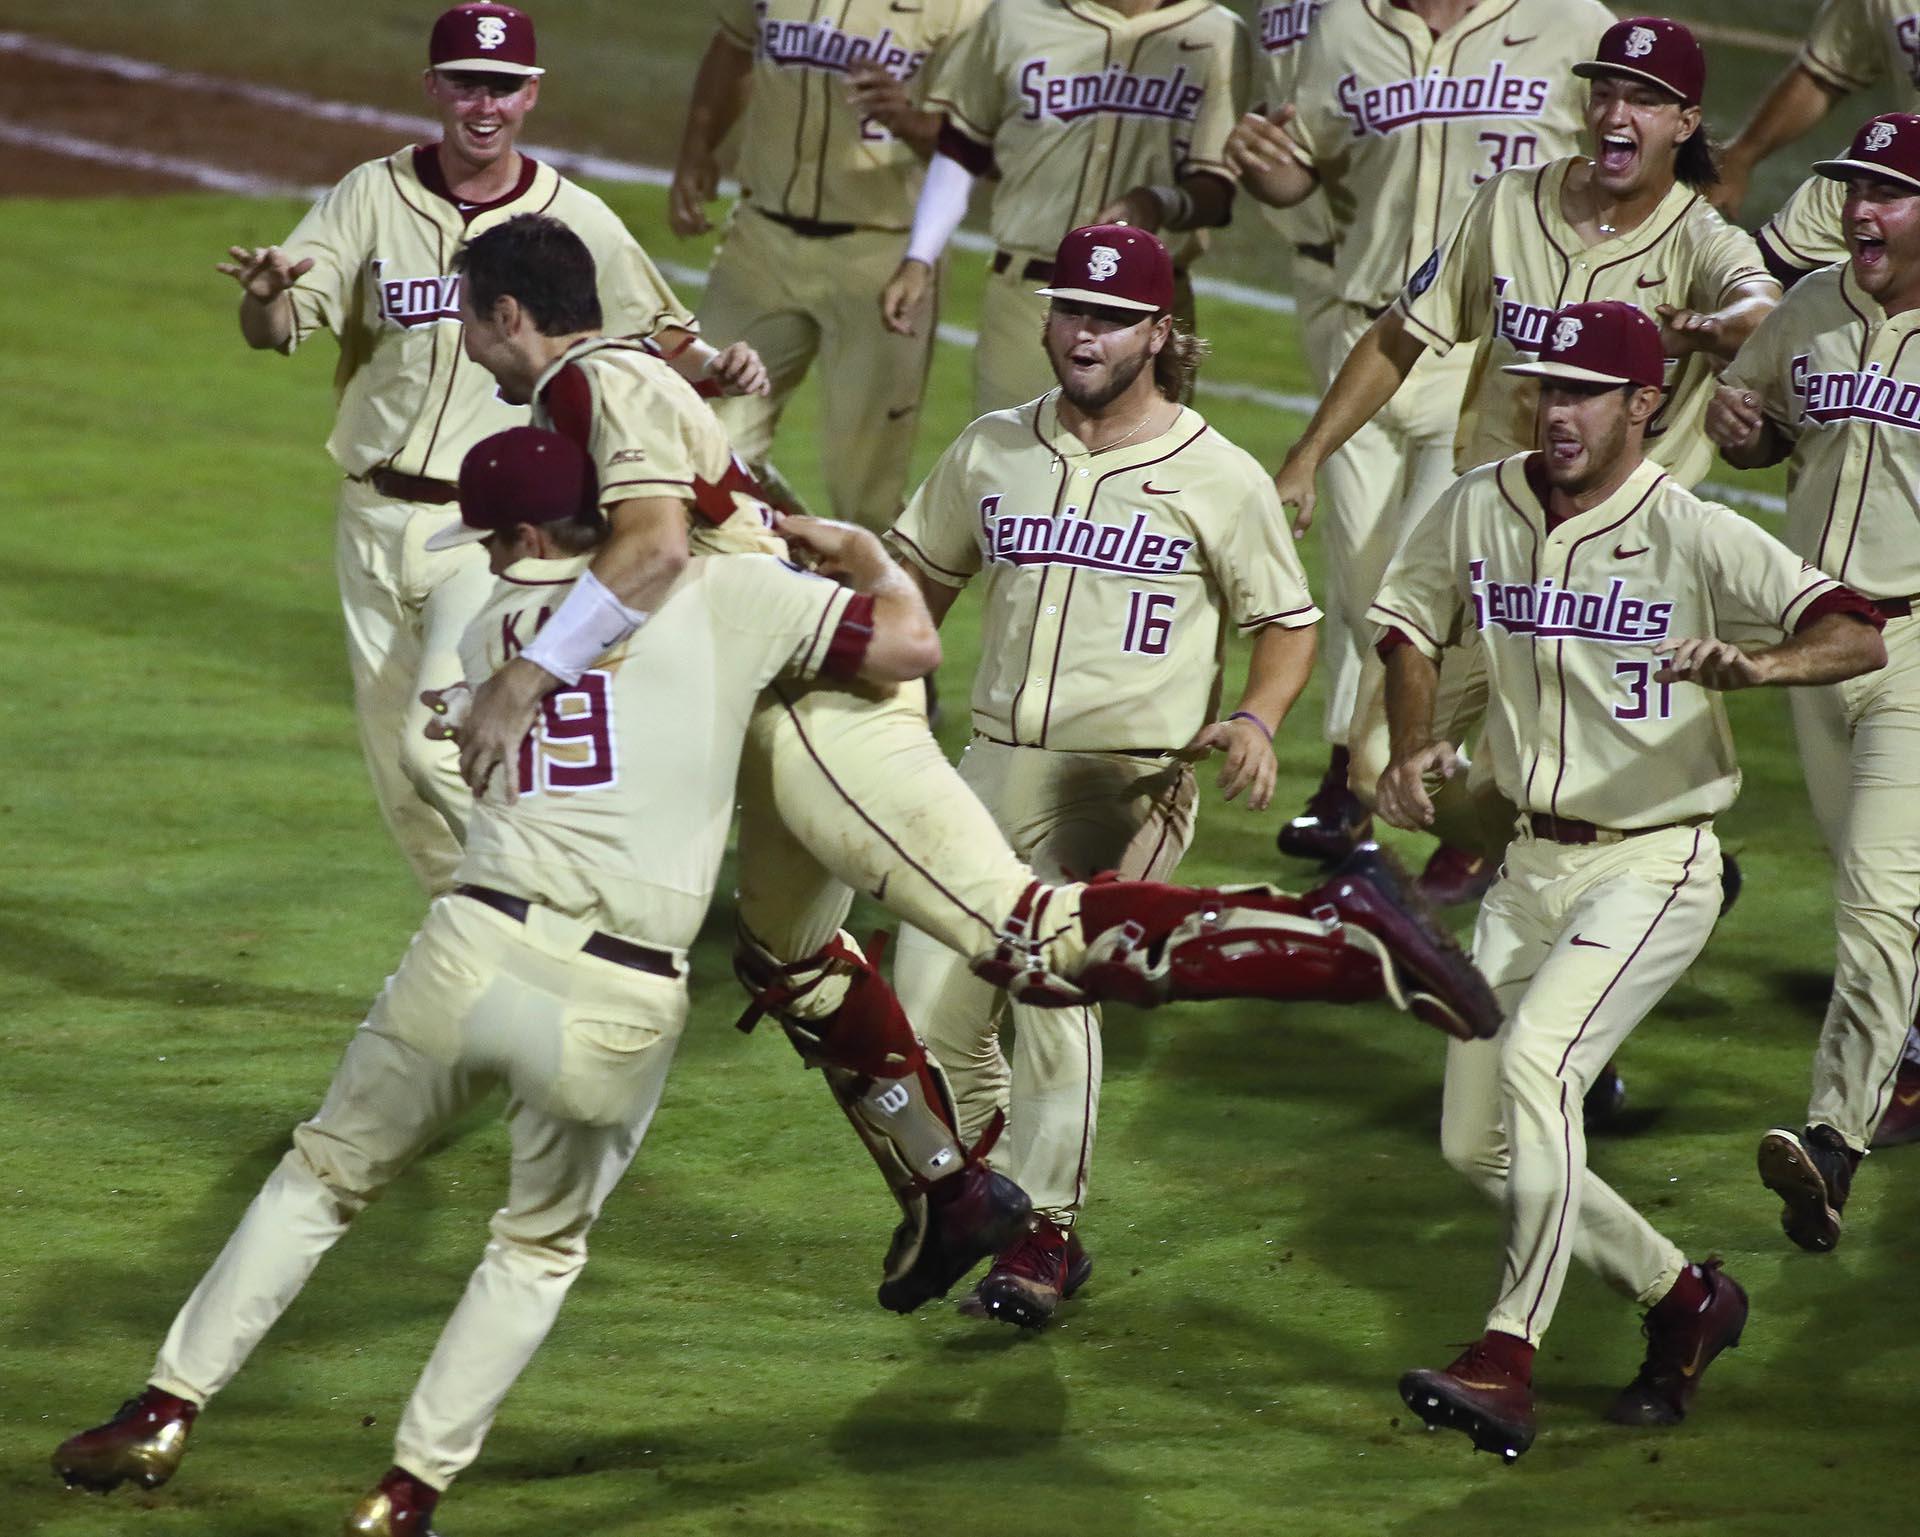 El equipo estatal de Florida Seminoles celebra luego de la victoria ante Sam Houston por la Serie Mundial Universitaria de béisbol (AP)